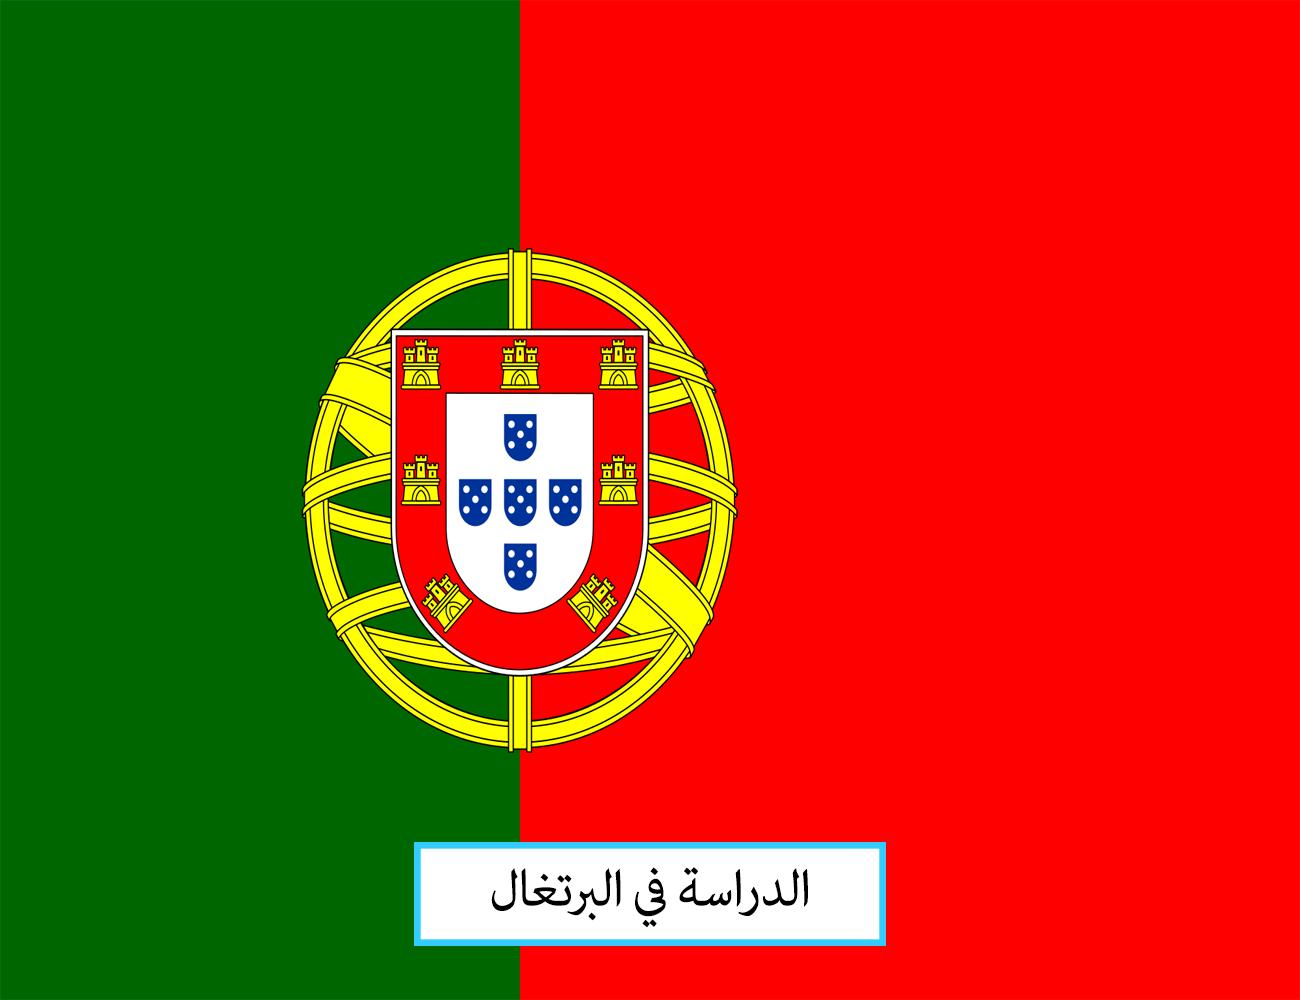 الدراسة في البرتغال للمغاربة بوابة للانفتاح على بلد دينامكي وسياحي